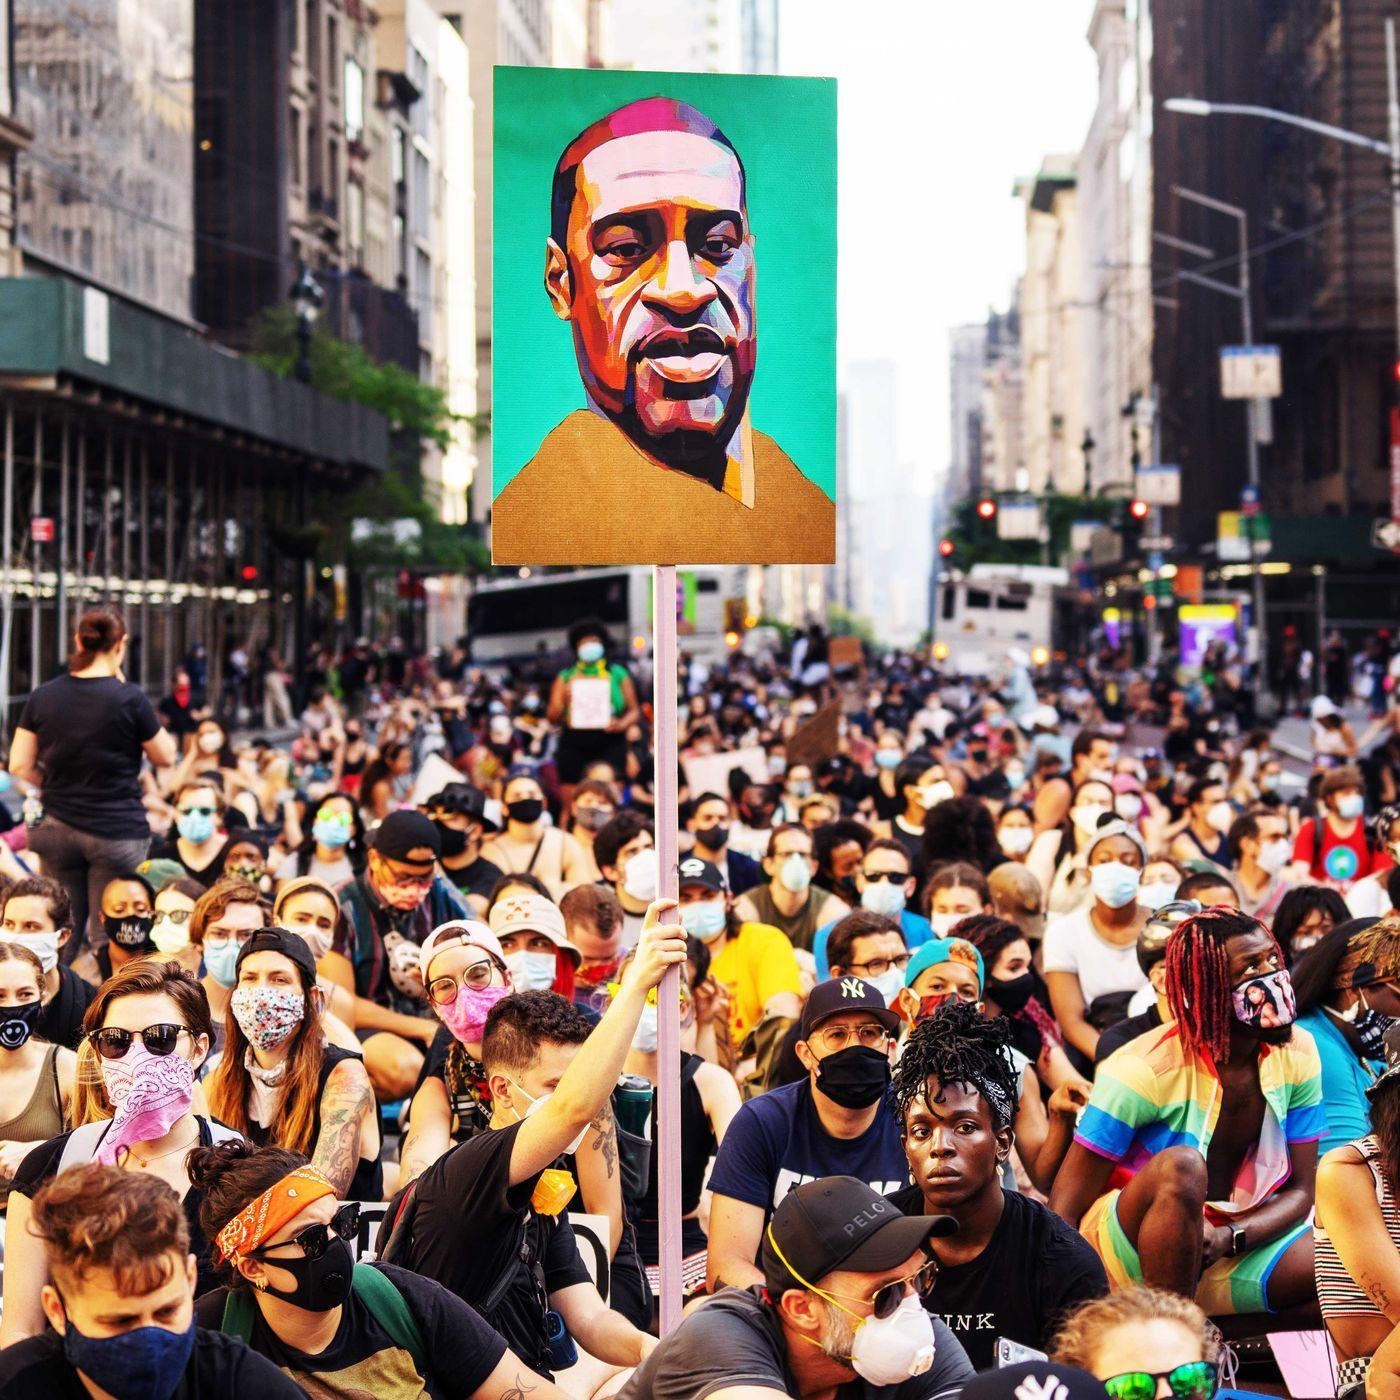 Immagine che contiene persona, esterni, folla, scena  Descrizione generata automaticamente